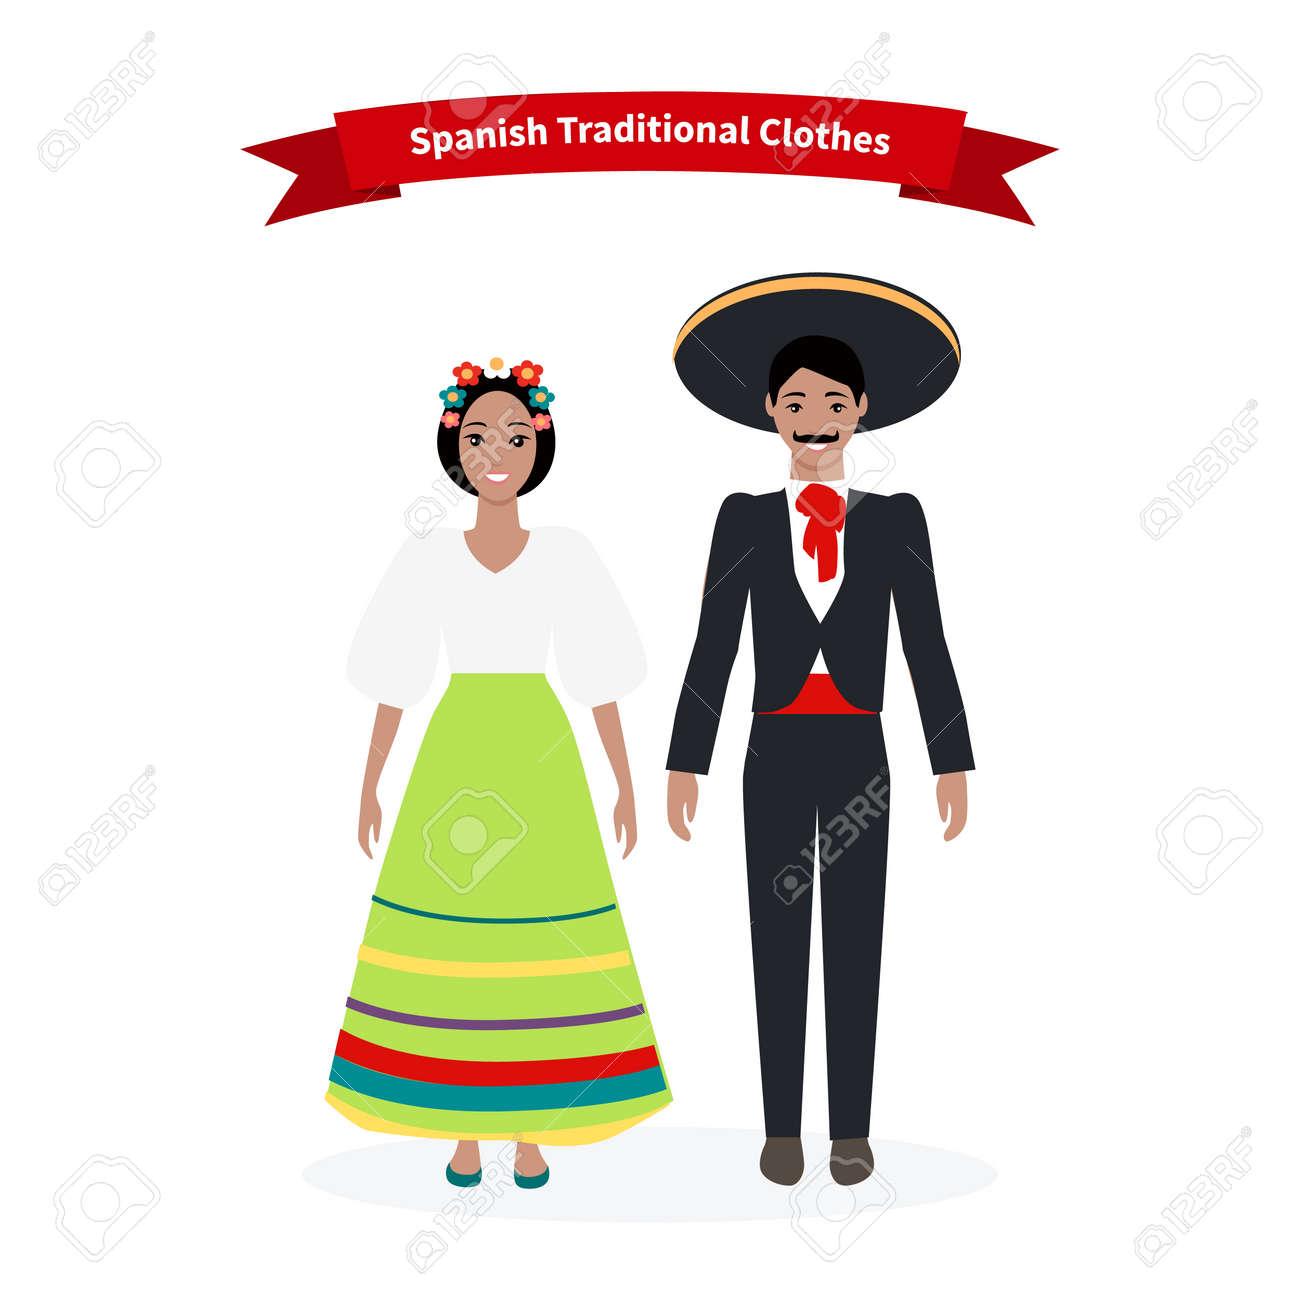 spanisch traditionelle kleidung menschen. kultur und kleidung, spanien  kostüm, weibliche person, kleid für mädchen, ein mann und eine frau,